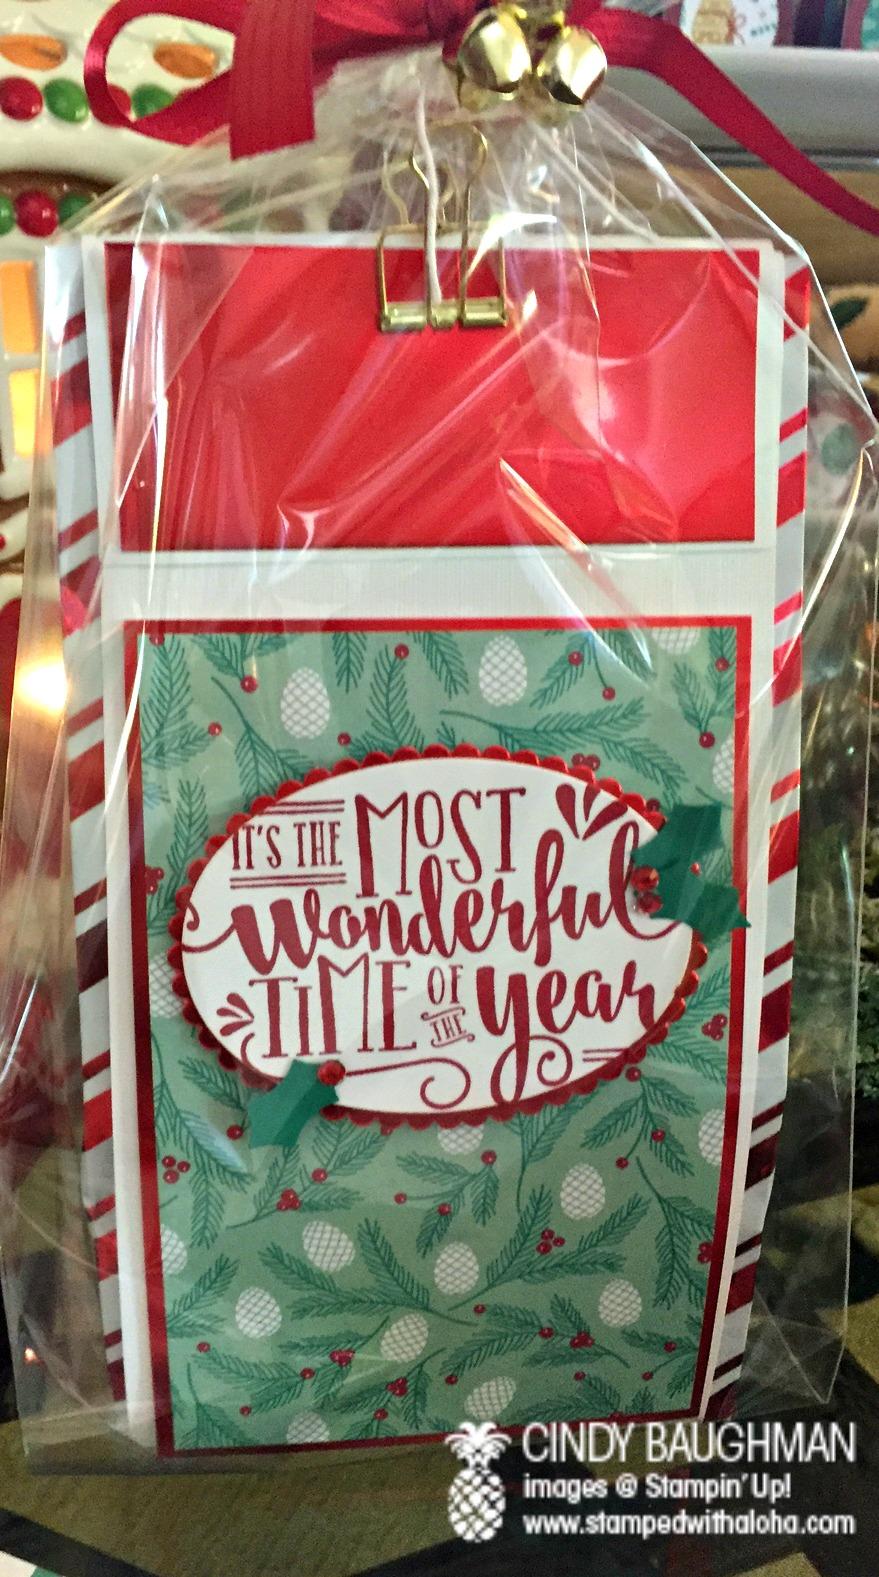 Christmas Aloha Prize - www.stampedwithaloha.com